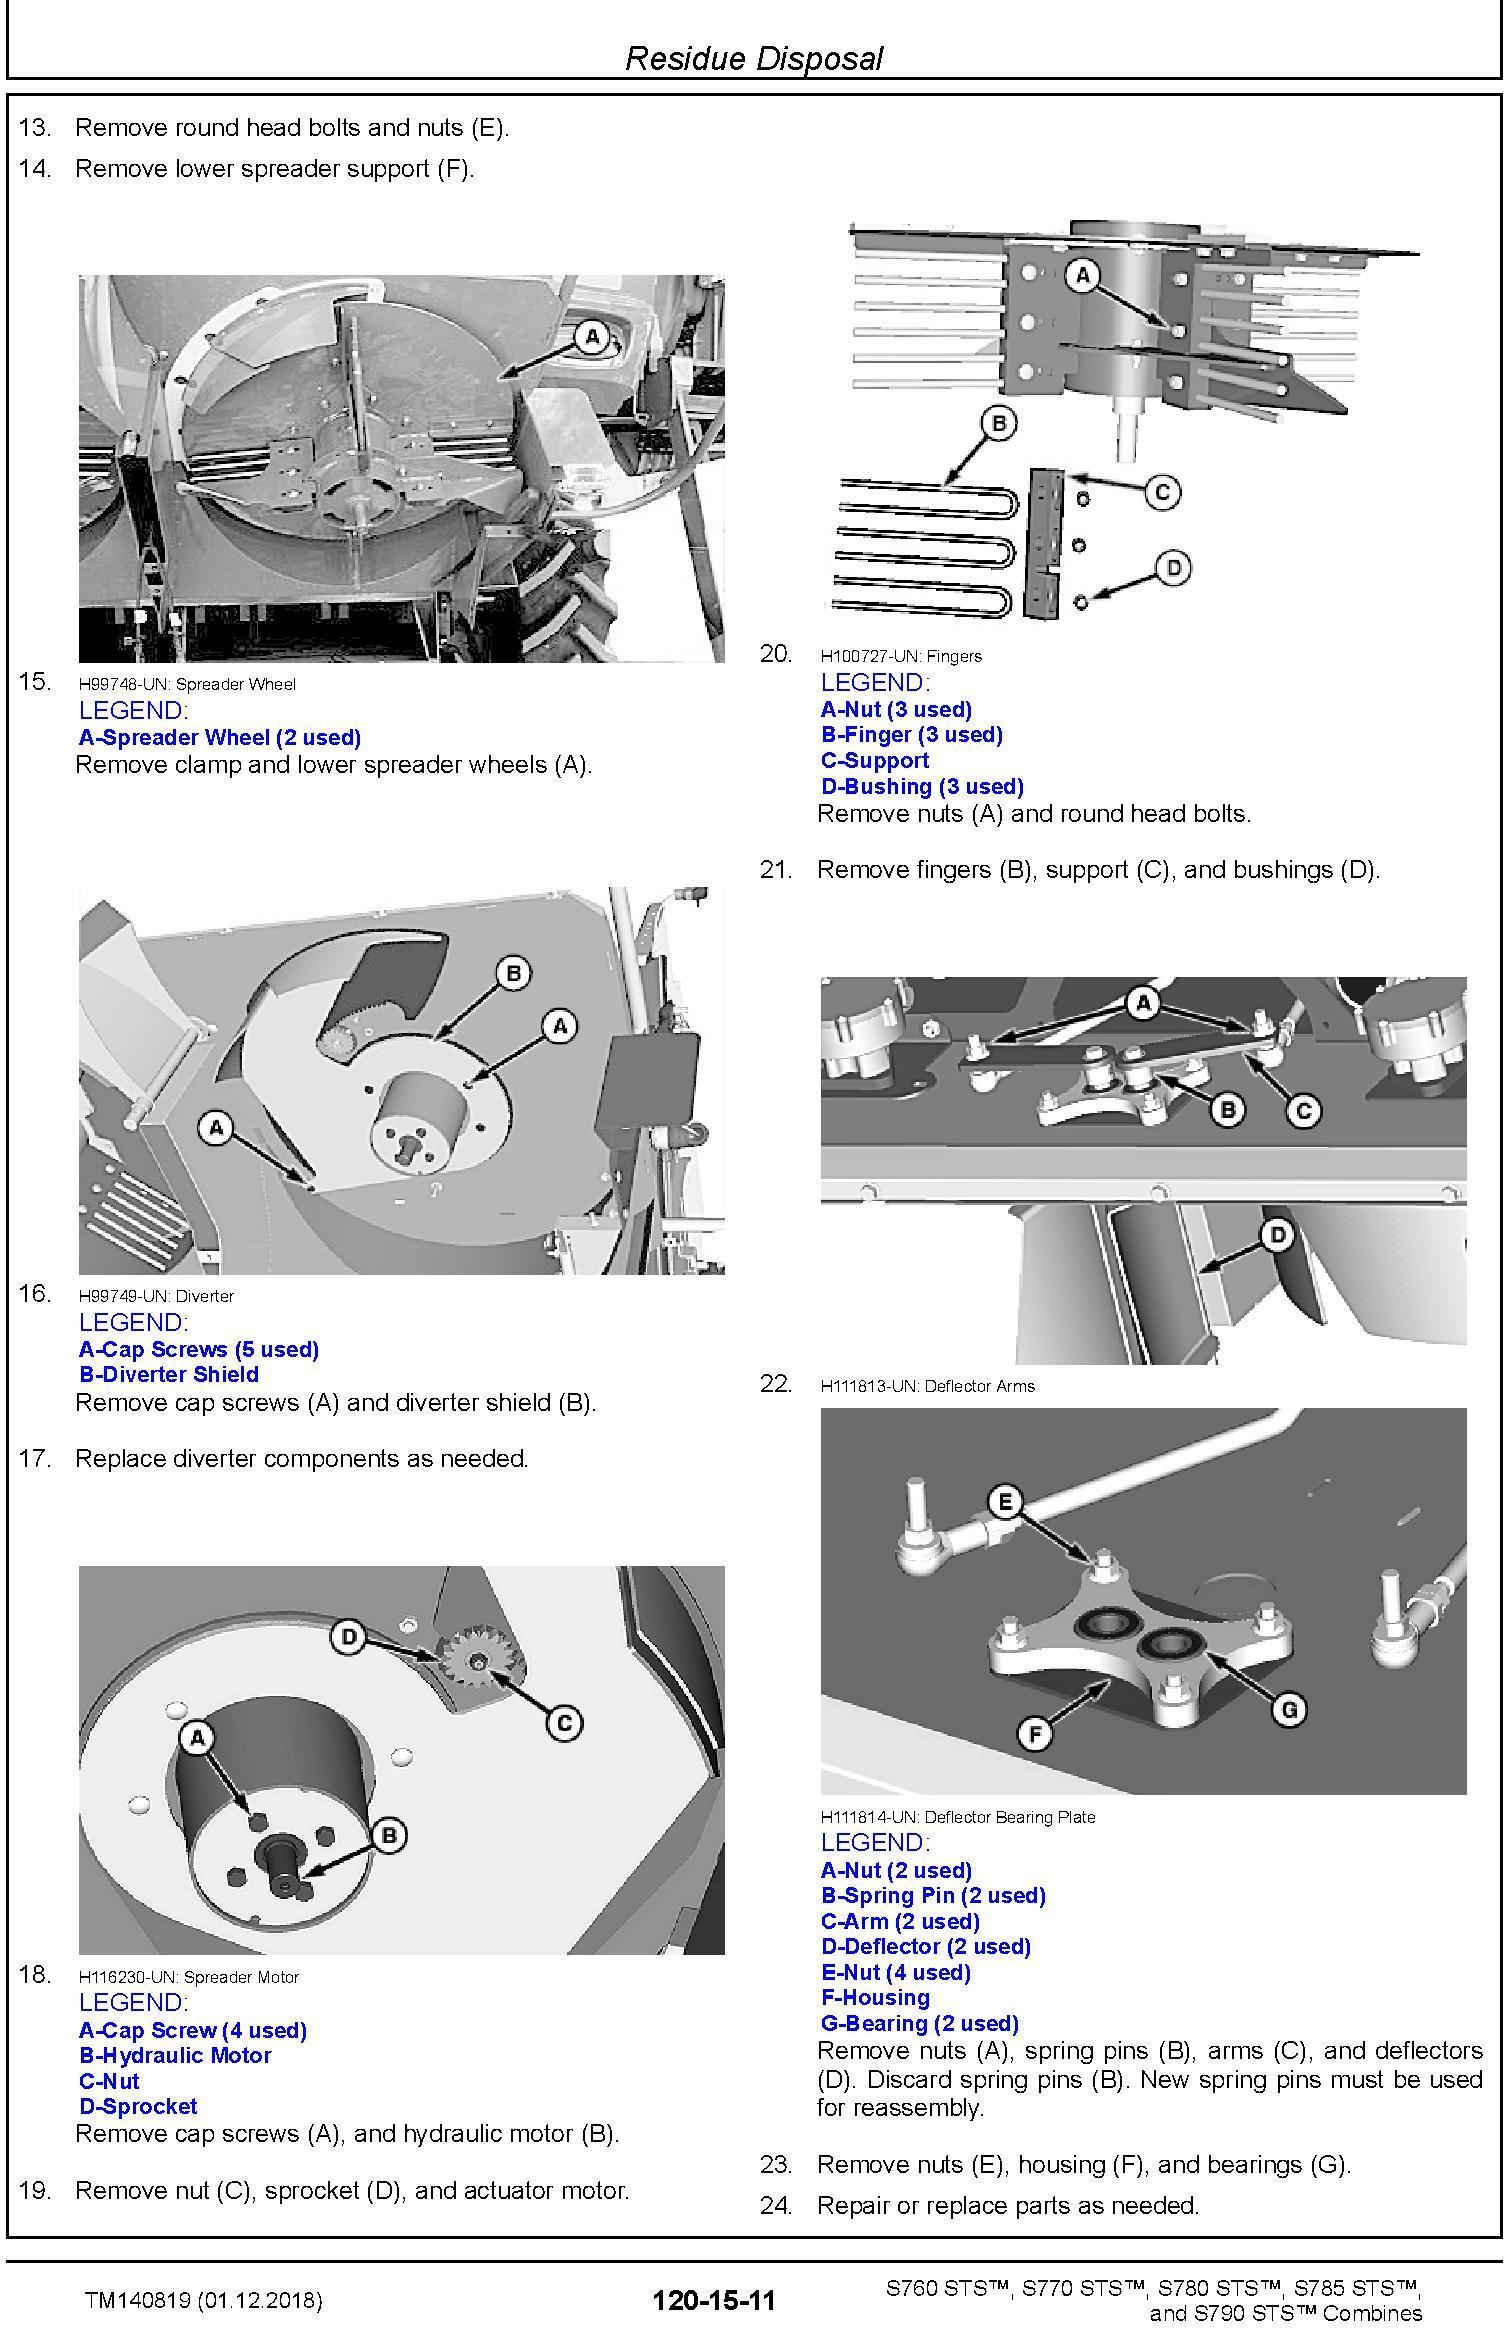 John Deere S760, S770, S780, S785, S790 STS Combines Repair Technical Service Manual (TM140819) - 1